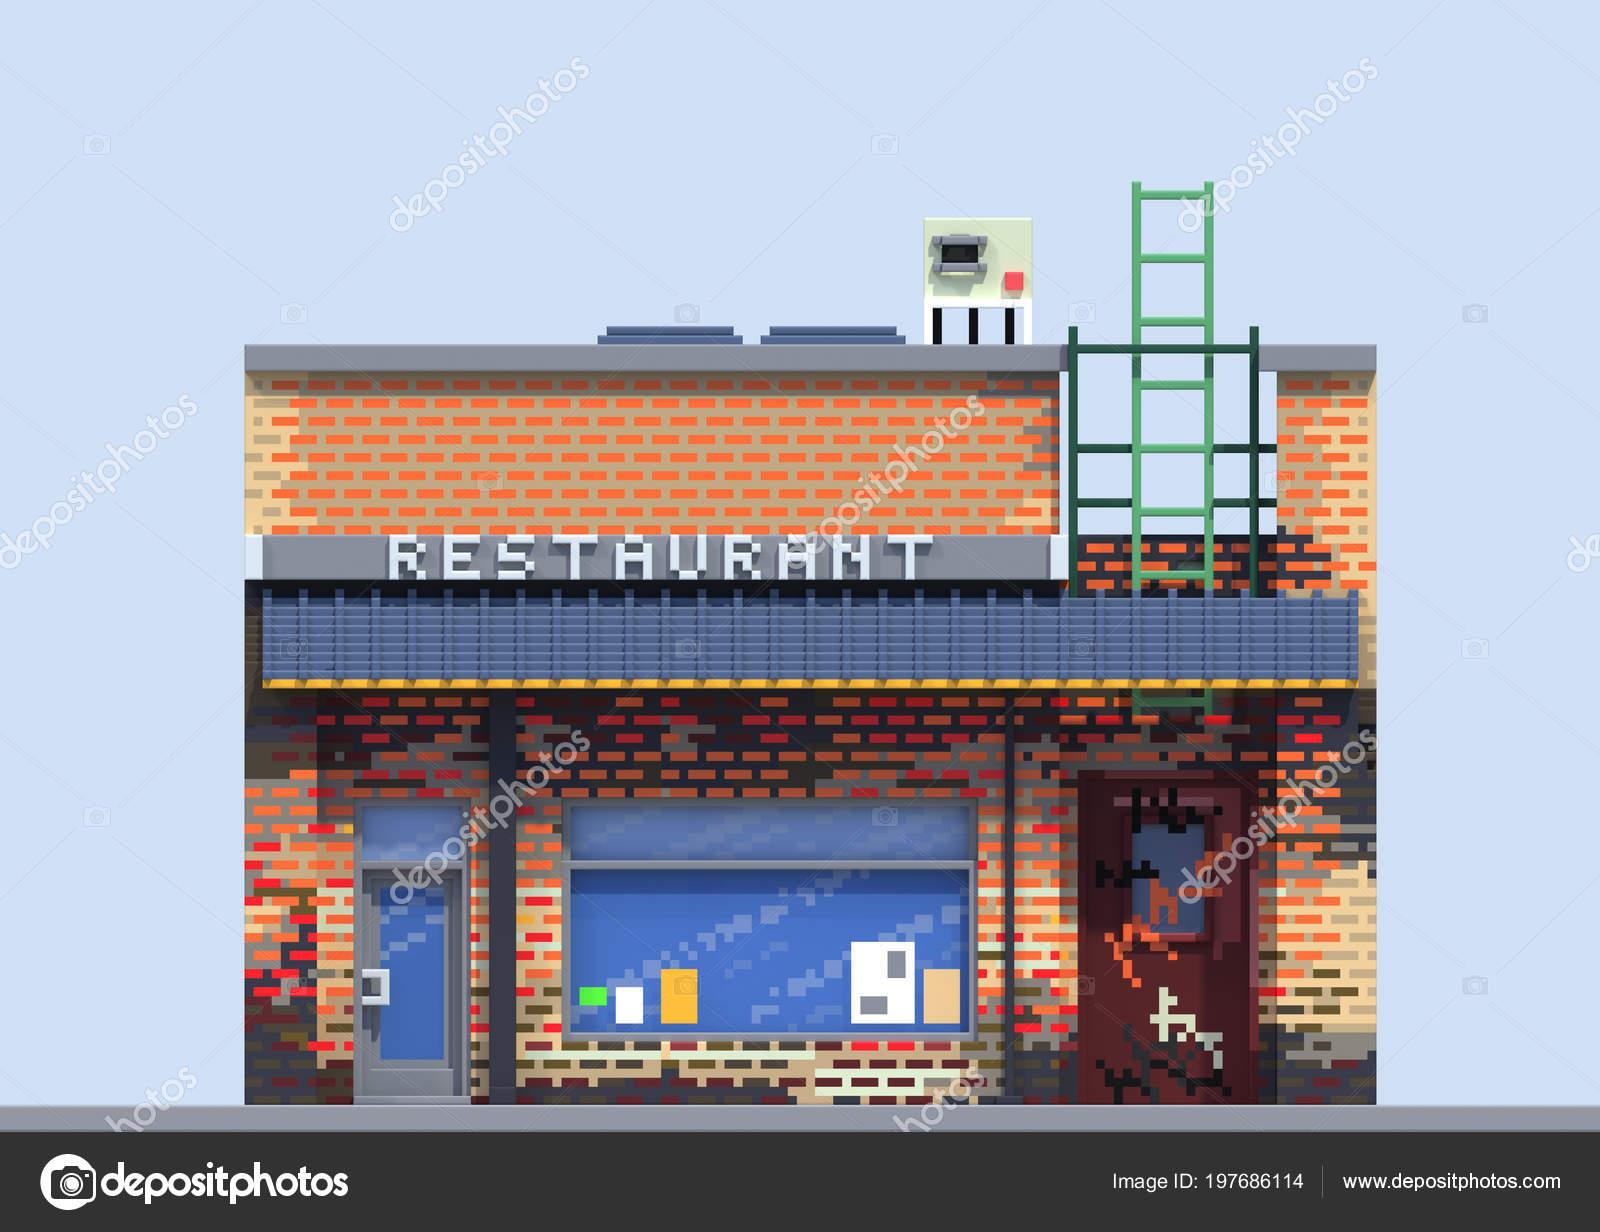 ᐈ Pixel Art City Street Fotos De Stock Imagenes Pixel Art Game Descargar En Depositphotos